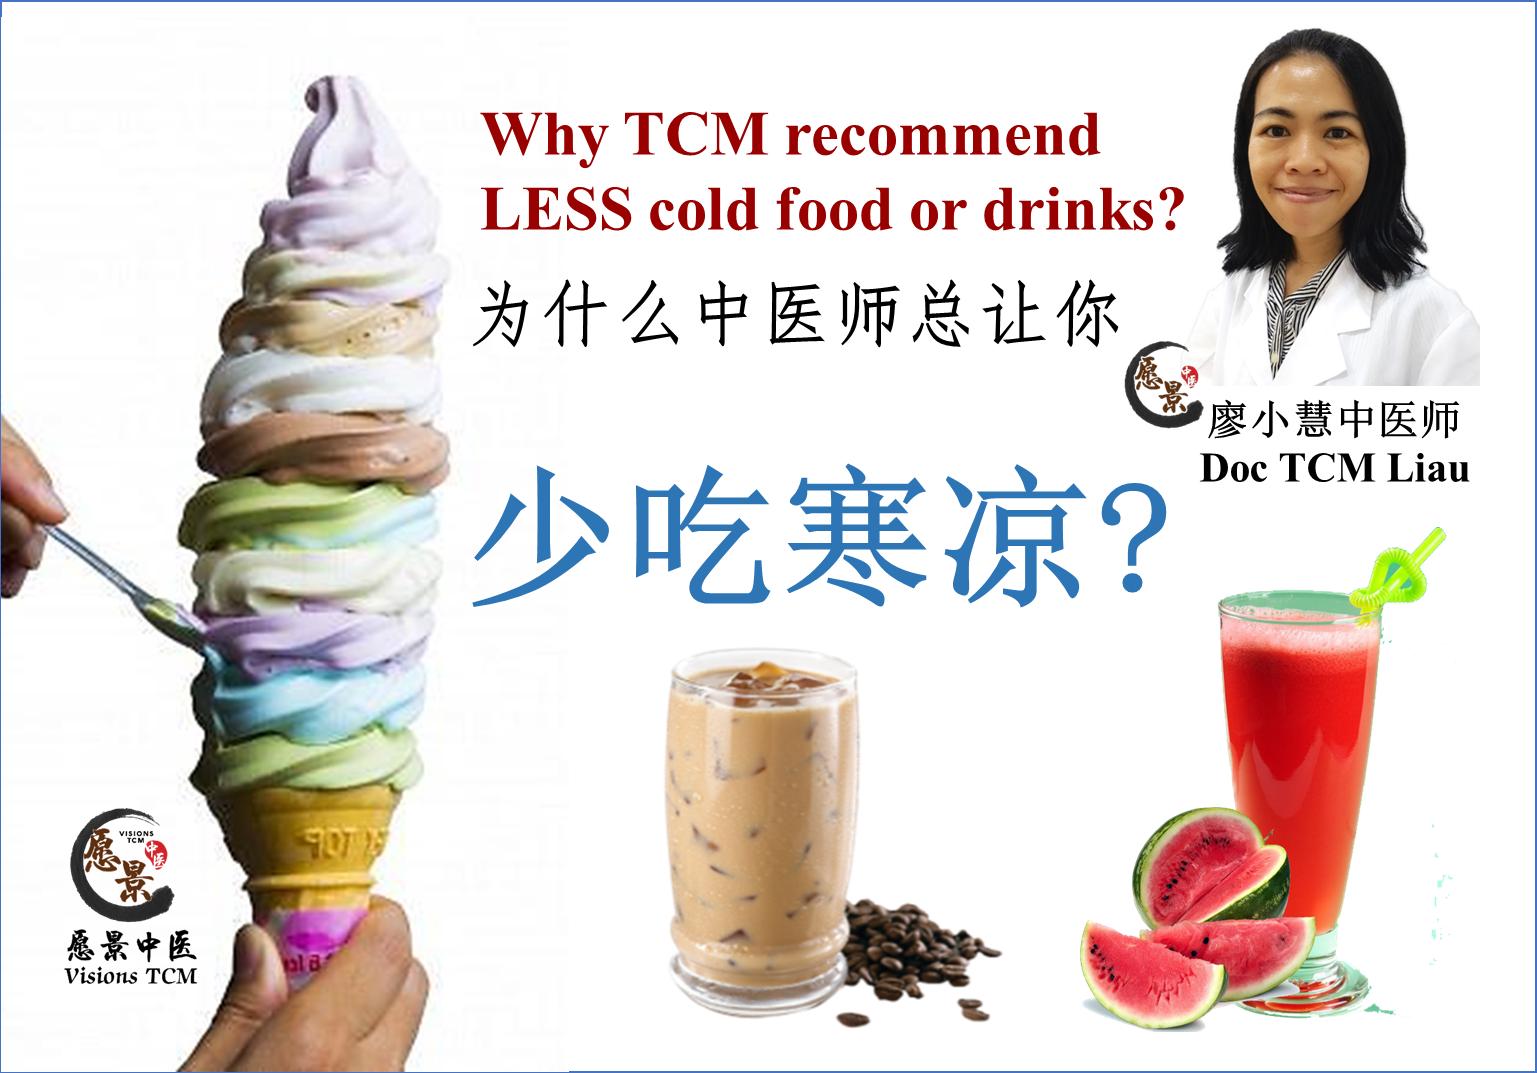 为什么中医师总让你少吃寒凉?Why TCM recommend less cold food or drink?